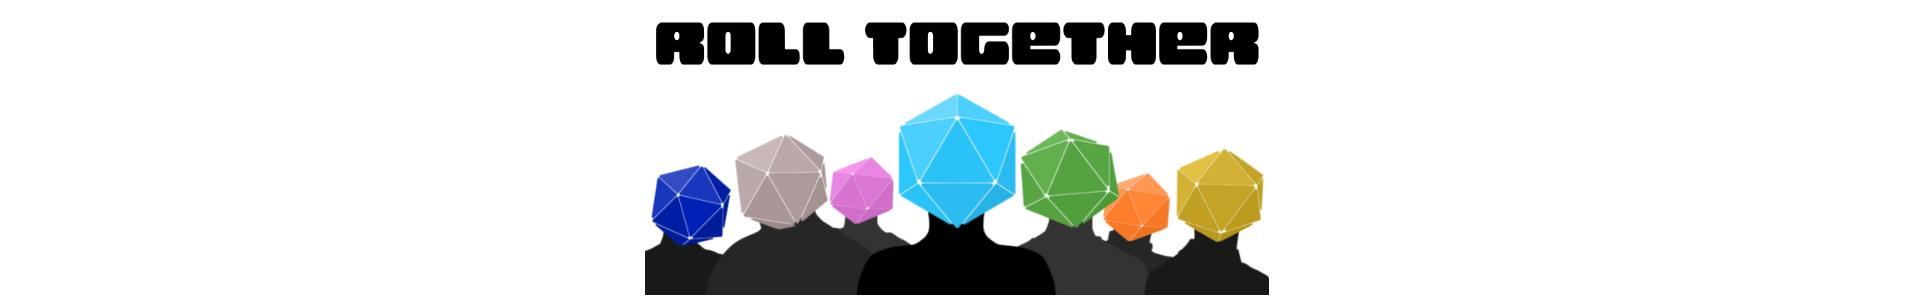 roll together logo